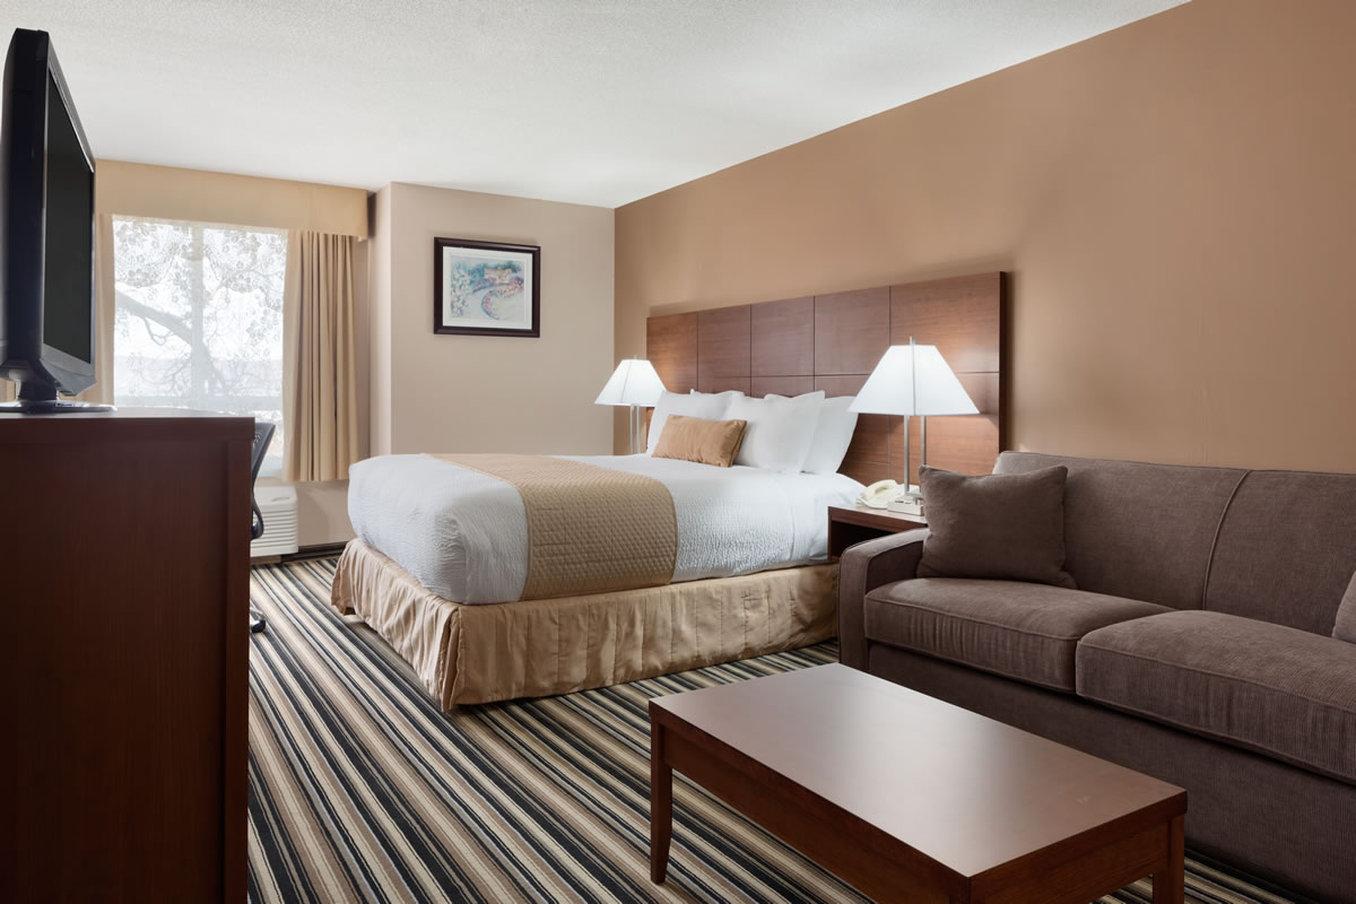 dalhousie-new-brunswick-hotels